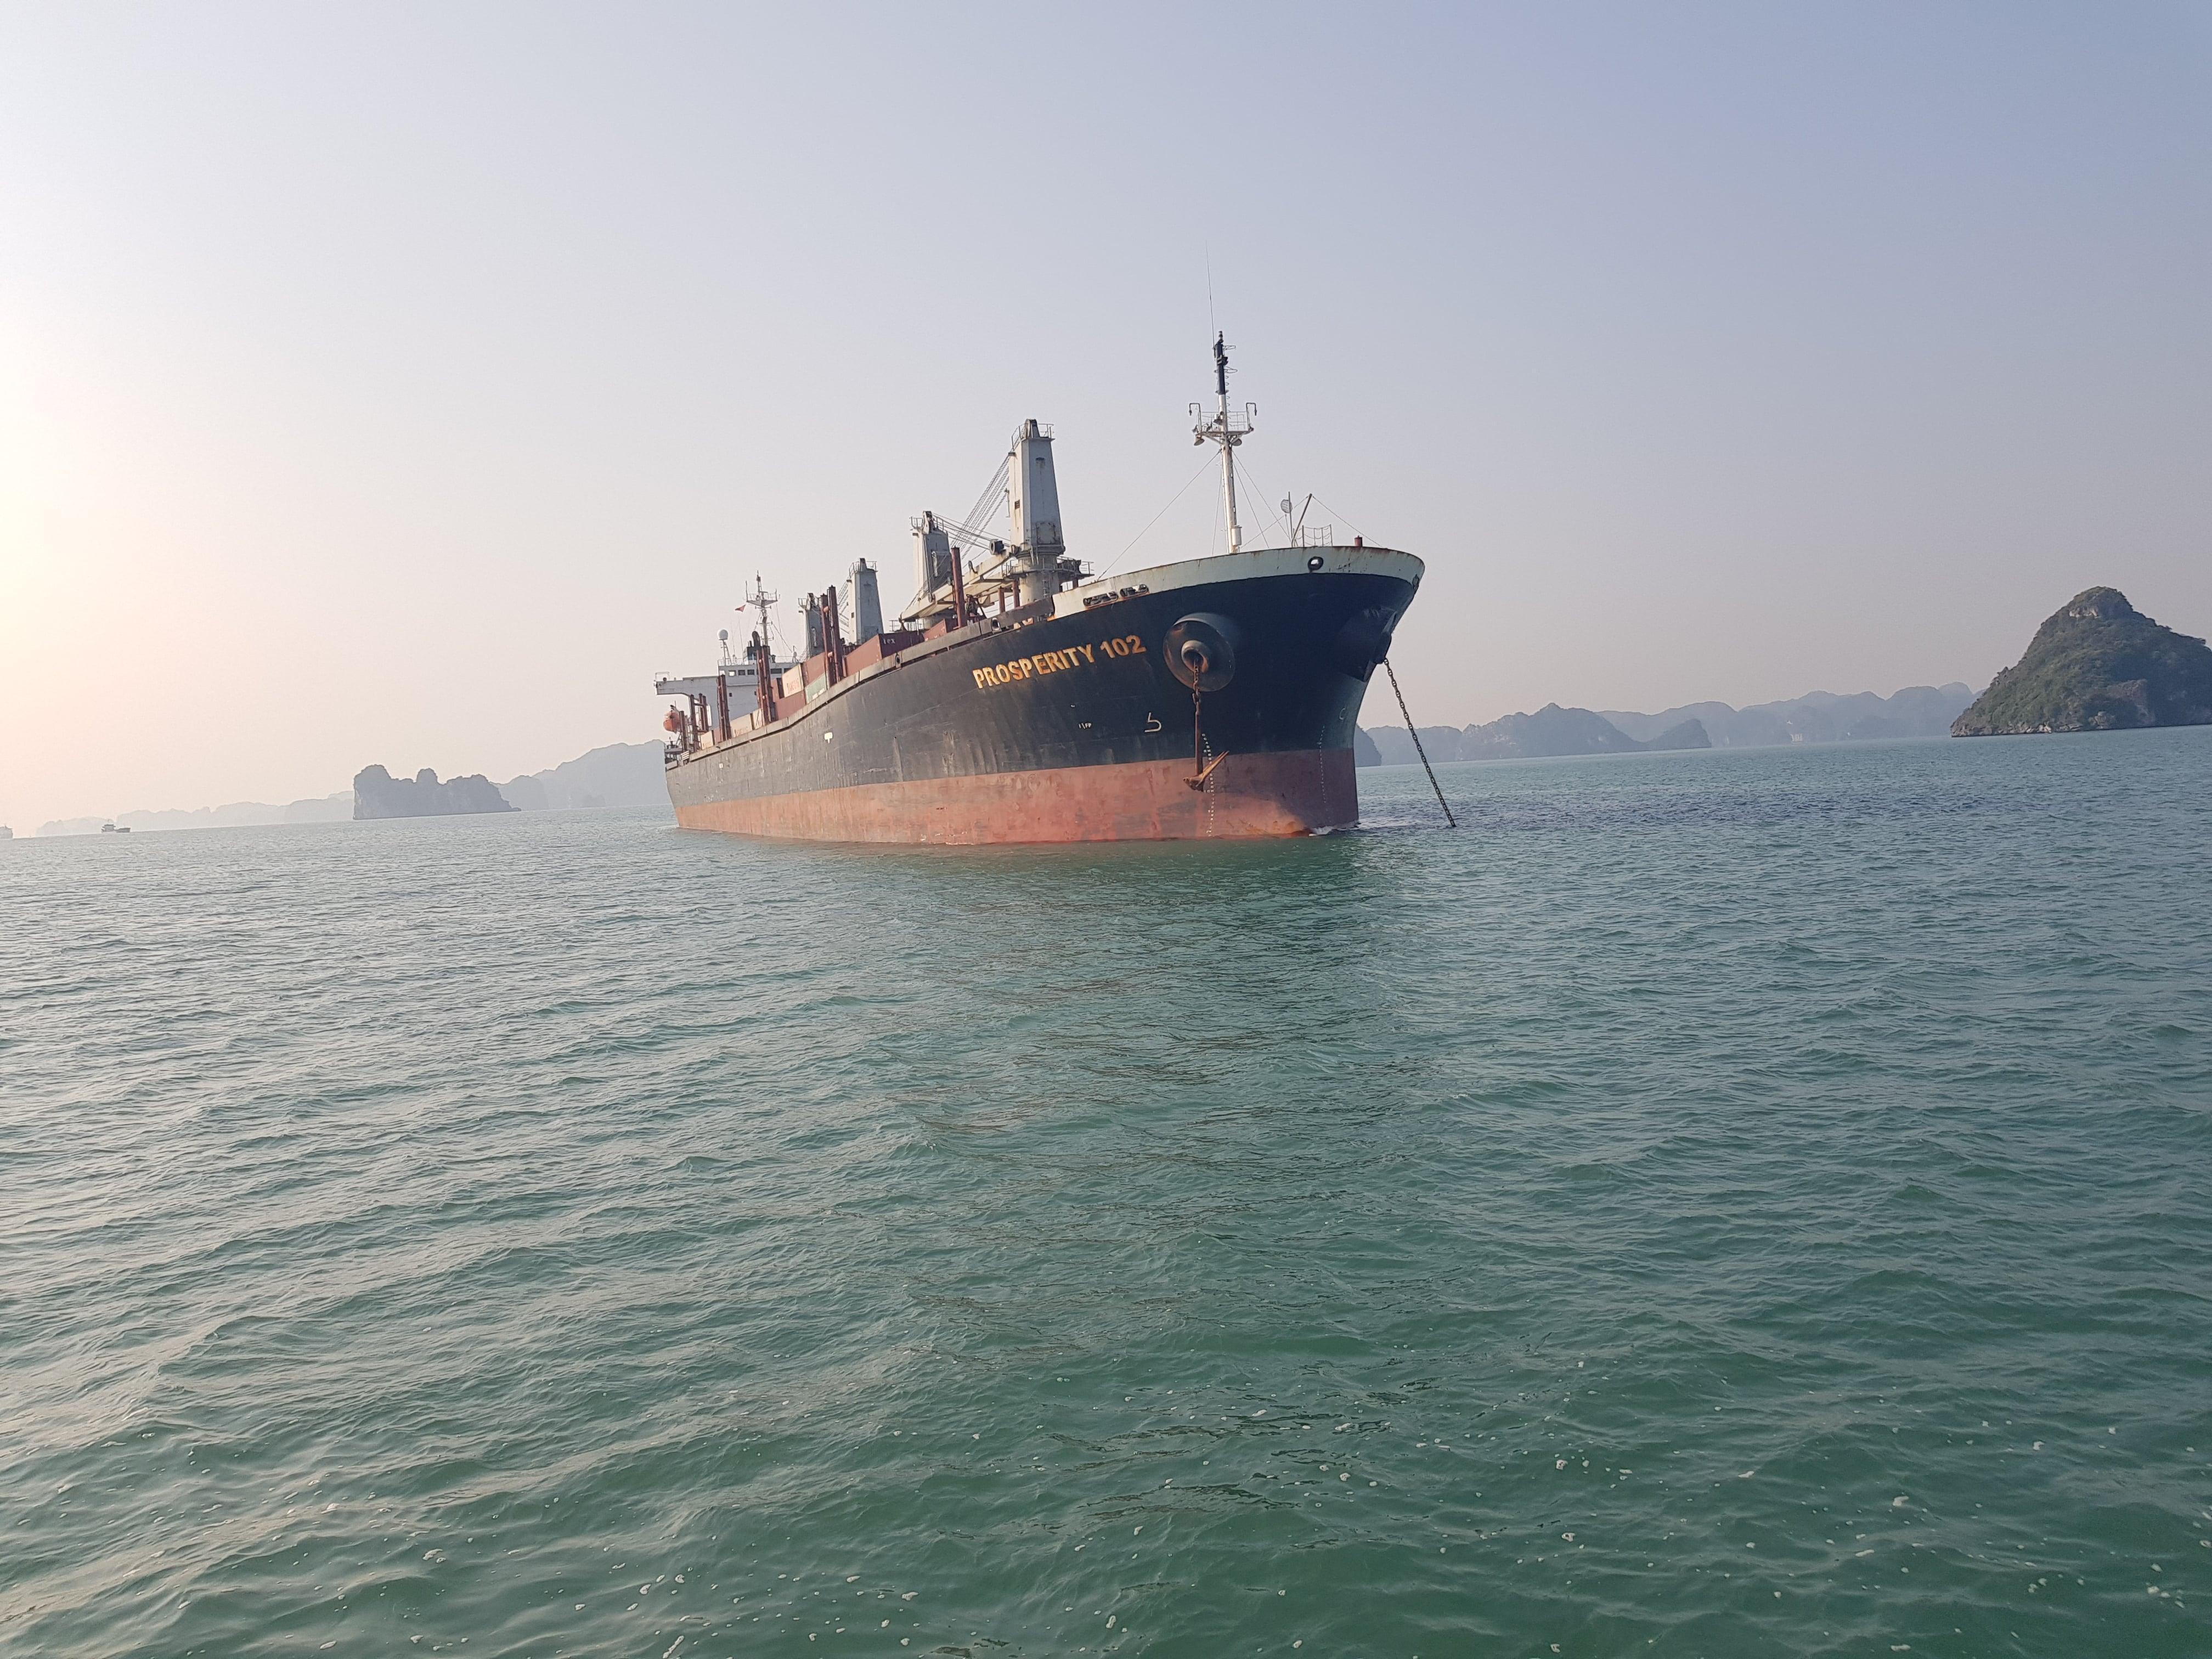 Xuất khẩu xi măng tháng 02/2020 (M/V PROSPERITY 102)